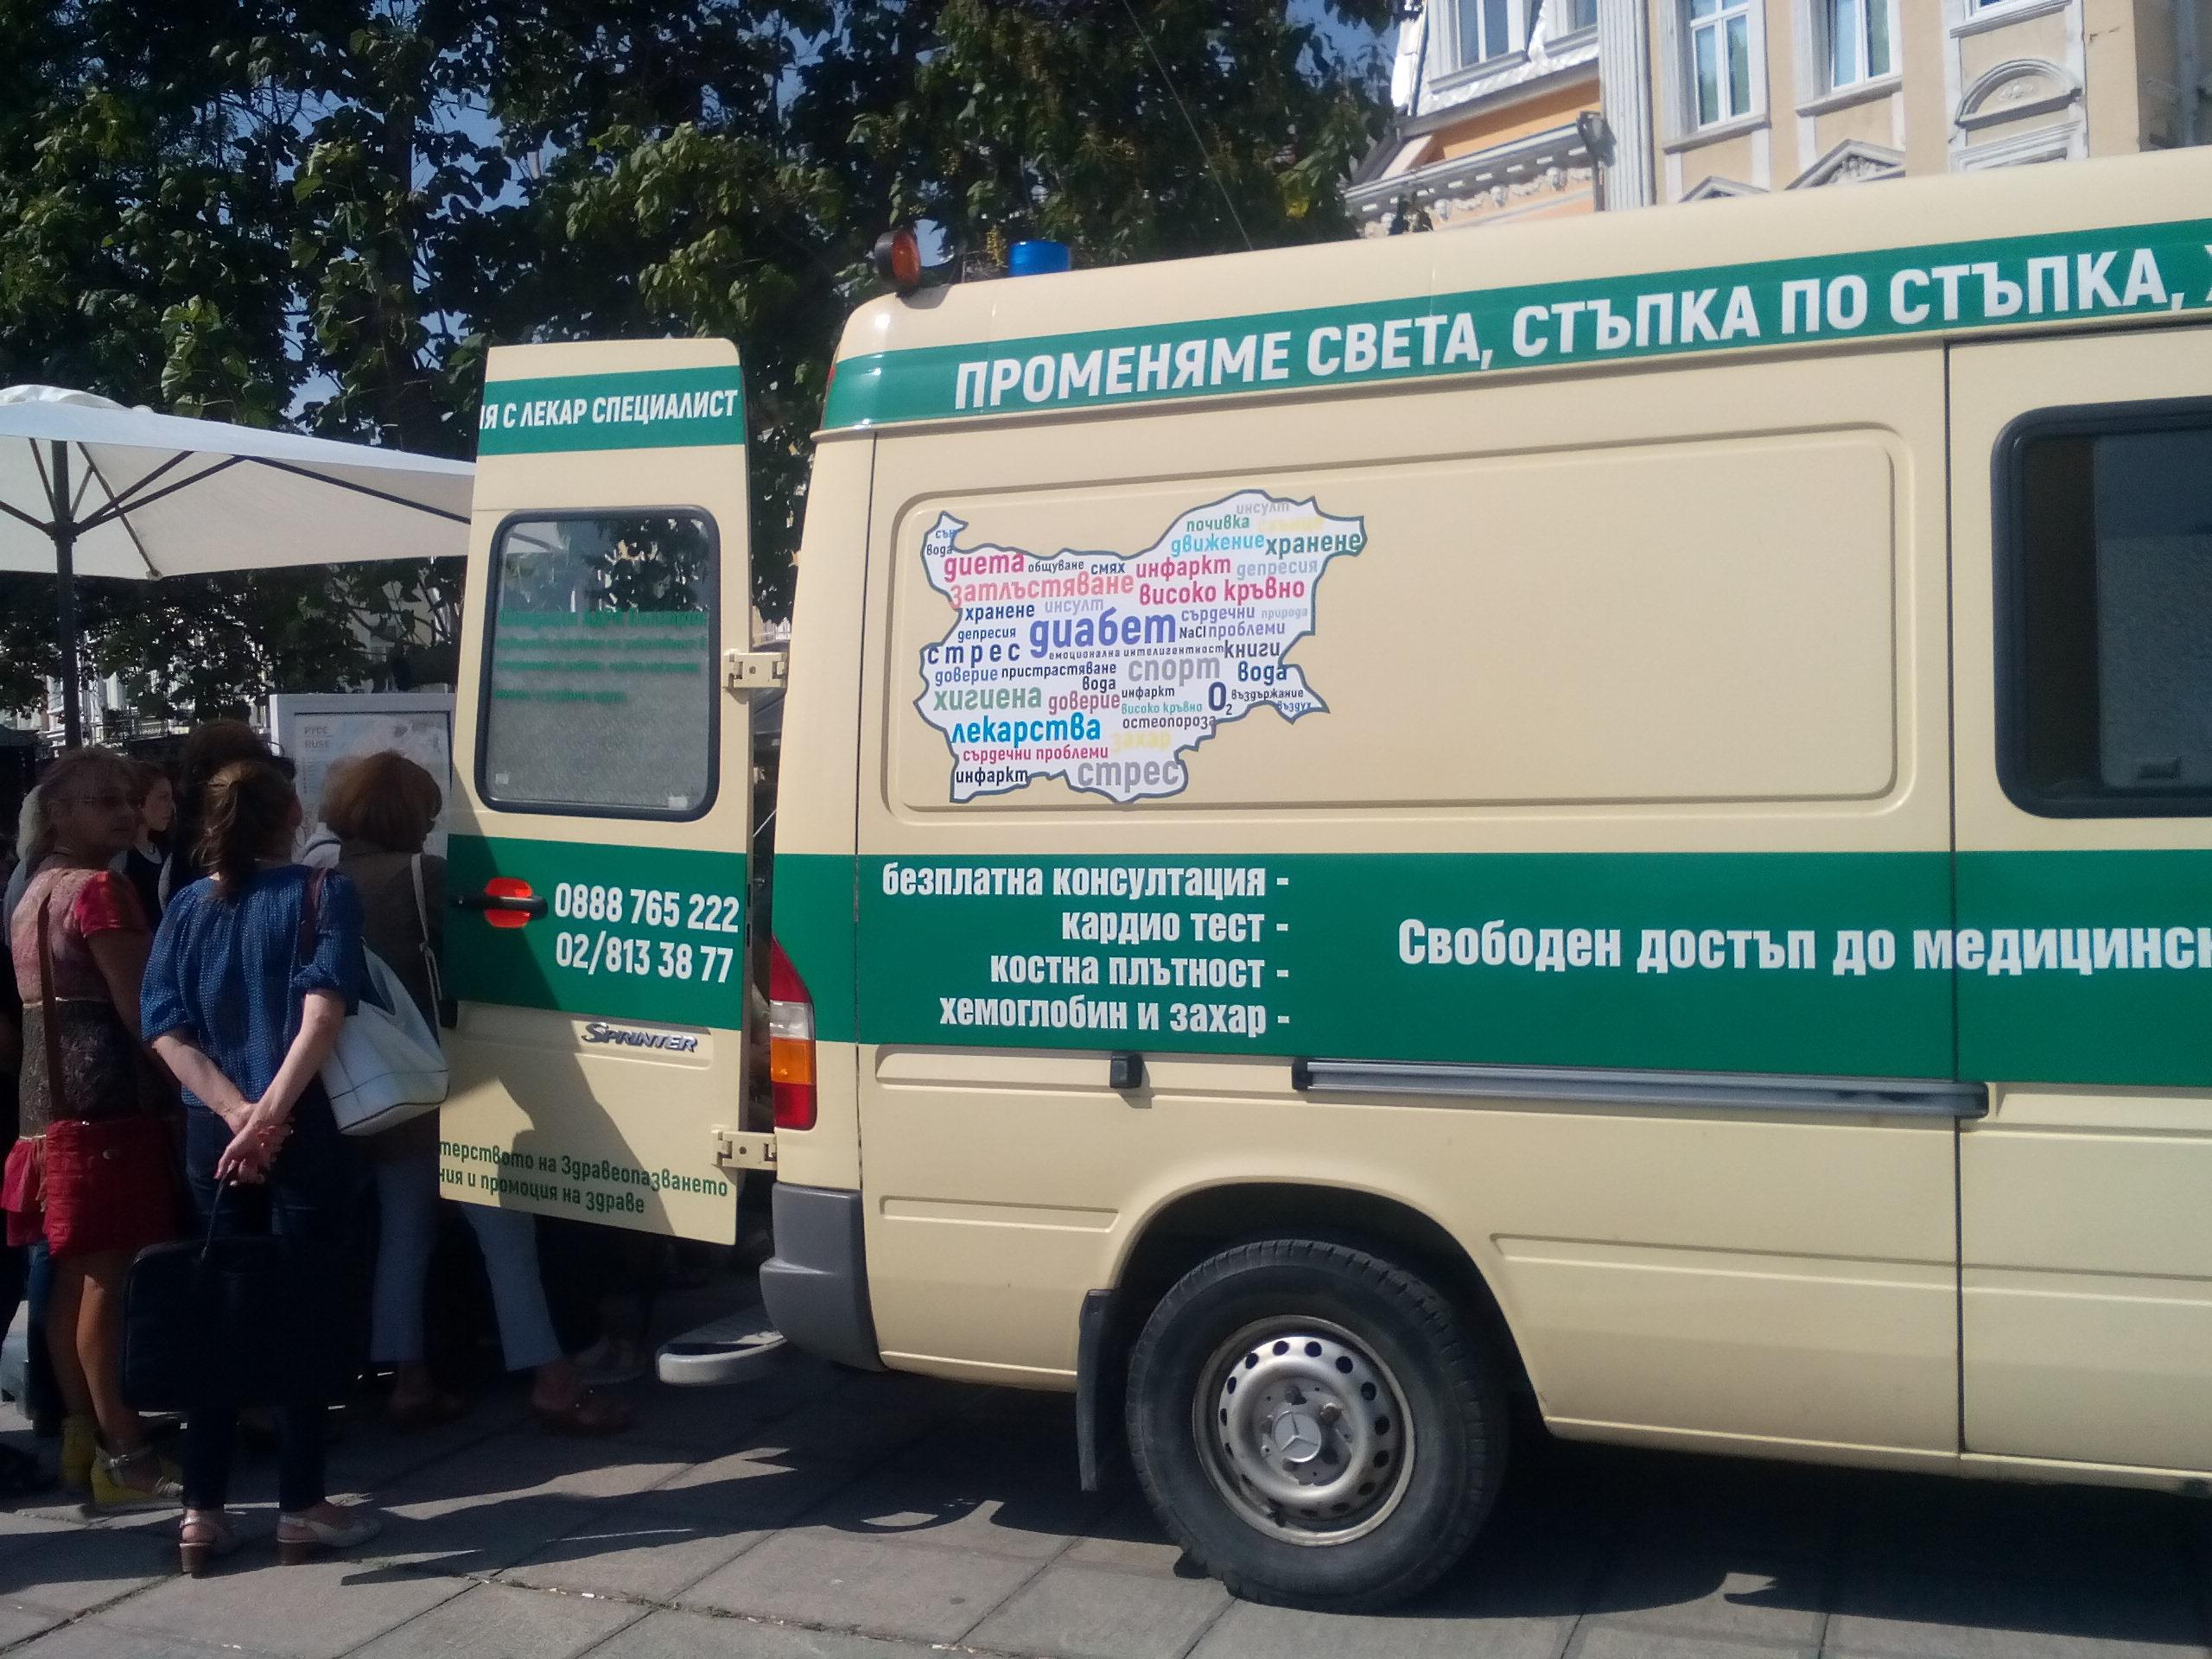 """Photo of Поликлиника на колела  на """"АДРА"""" изследва безплатно"""